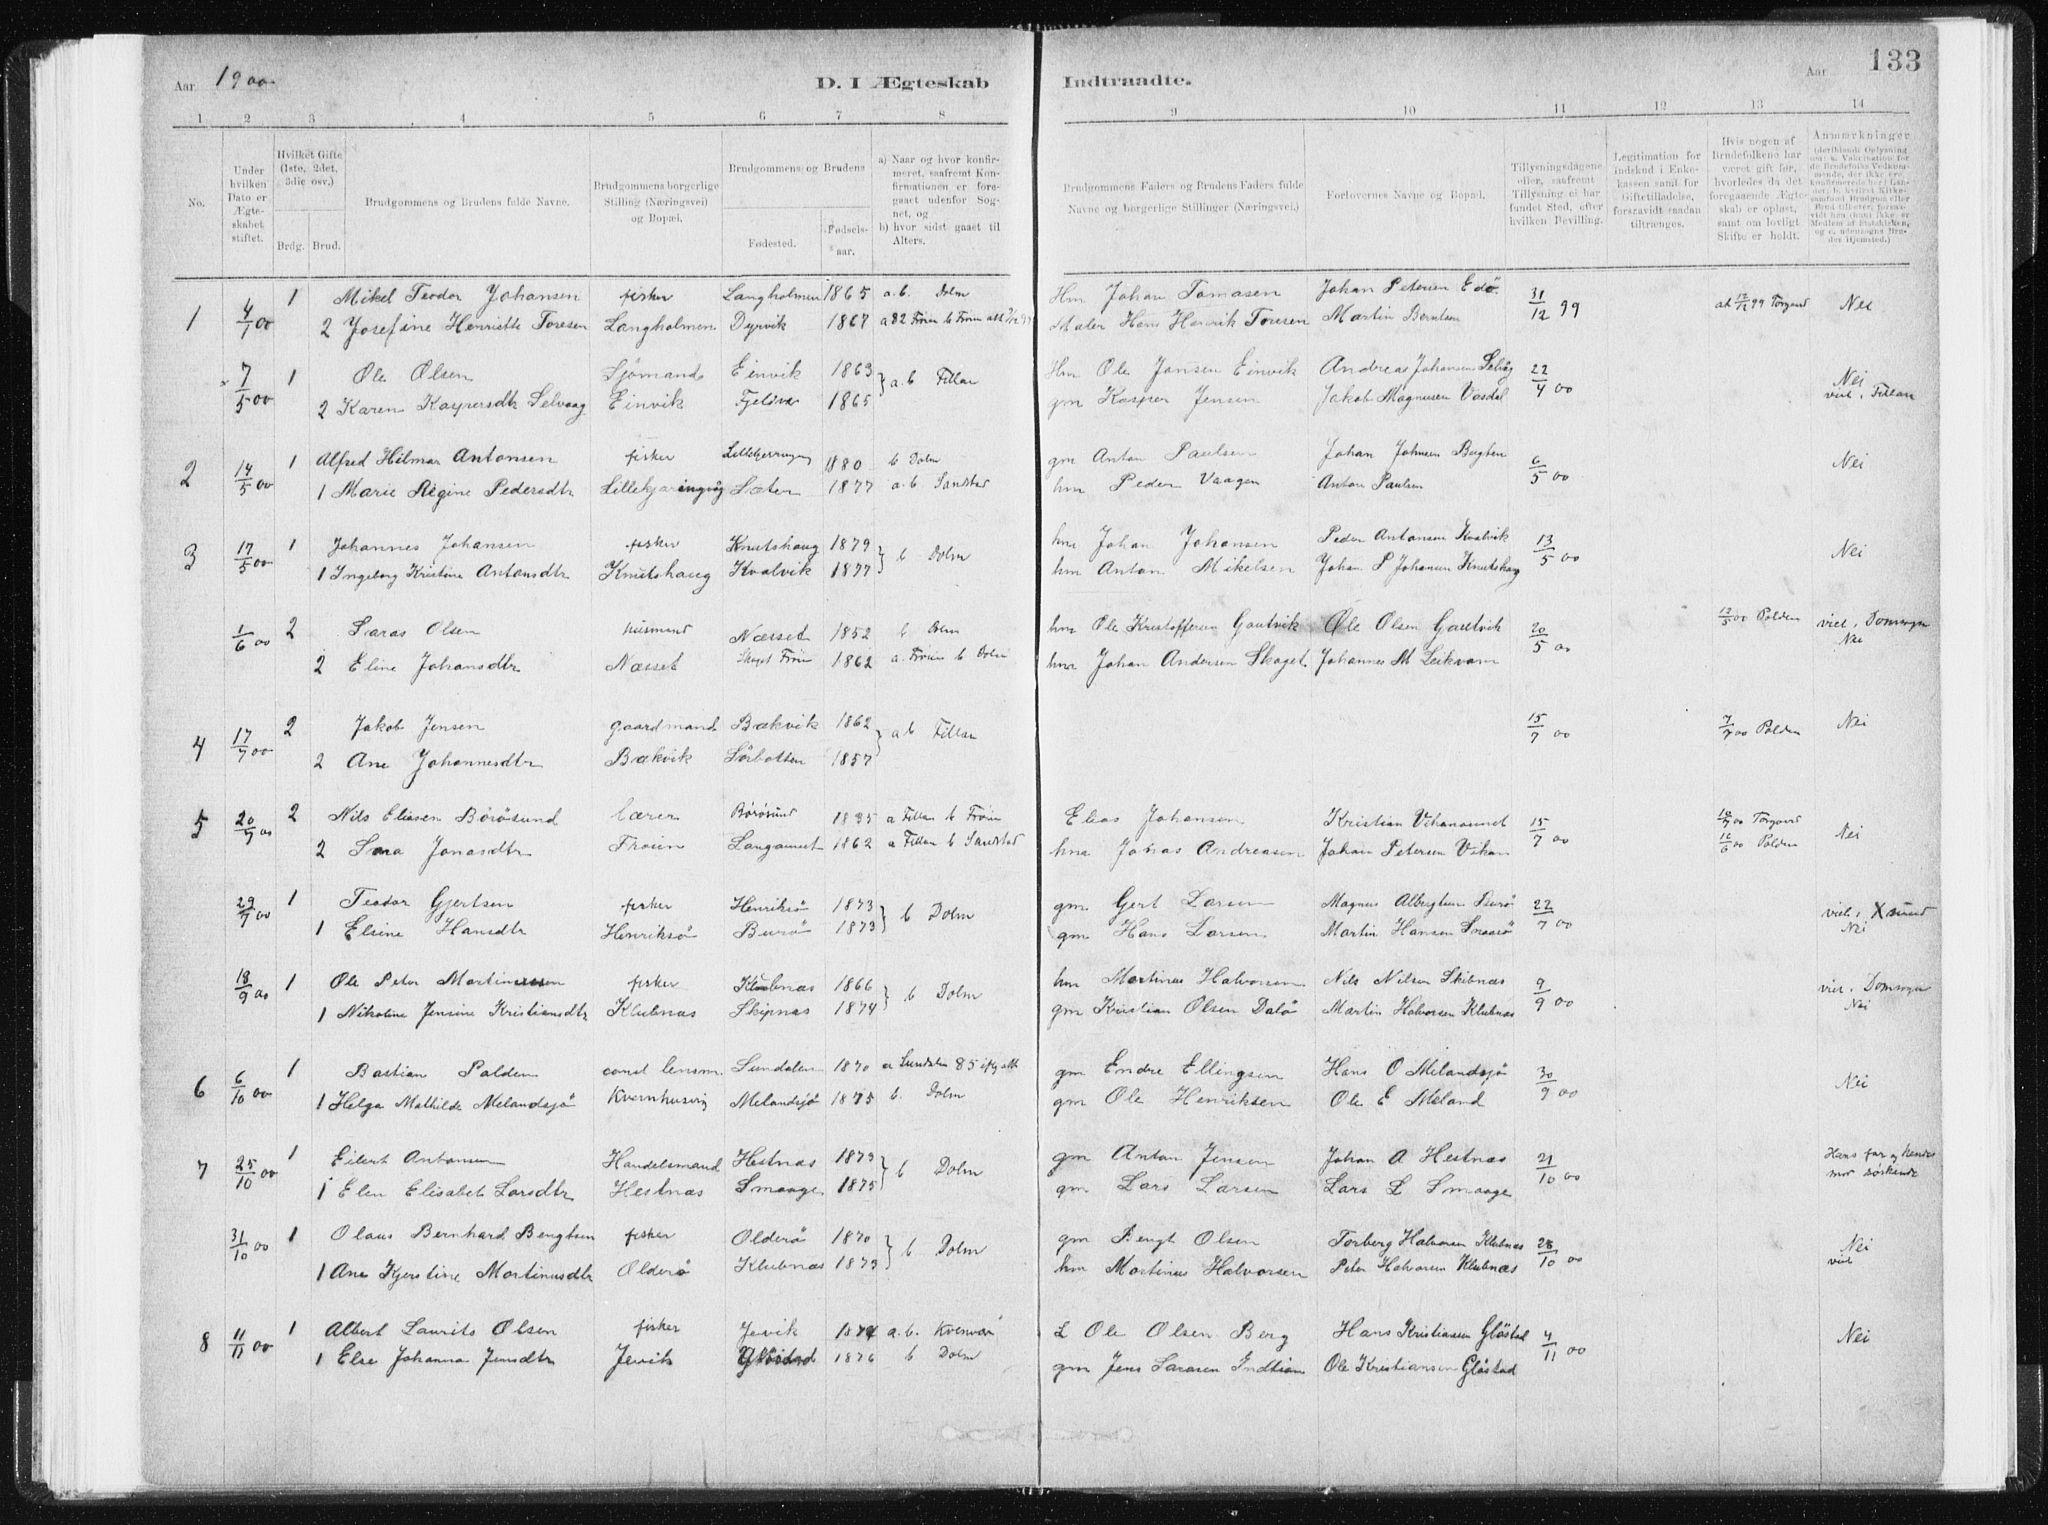 SAT, Ministerialprotokoller, klokkerbøker og fødselsregistre - Sør-Trøndelag, 634/L0533: Ministerialbok nr. 634A09, 1882-1901, s. 133